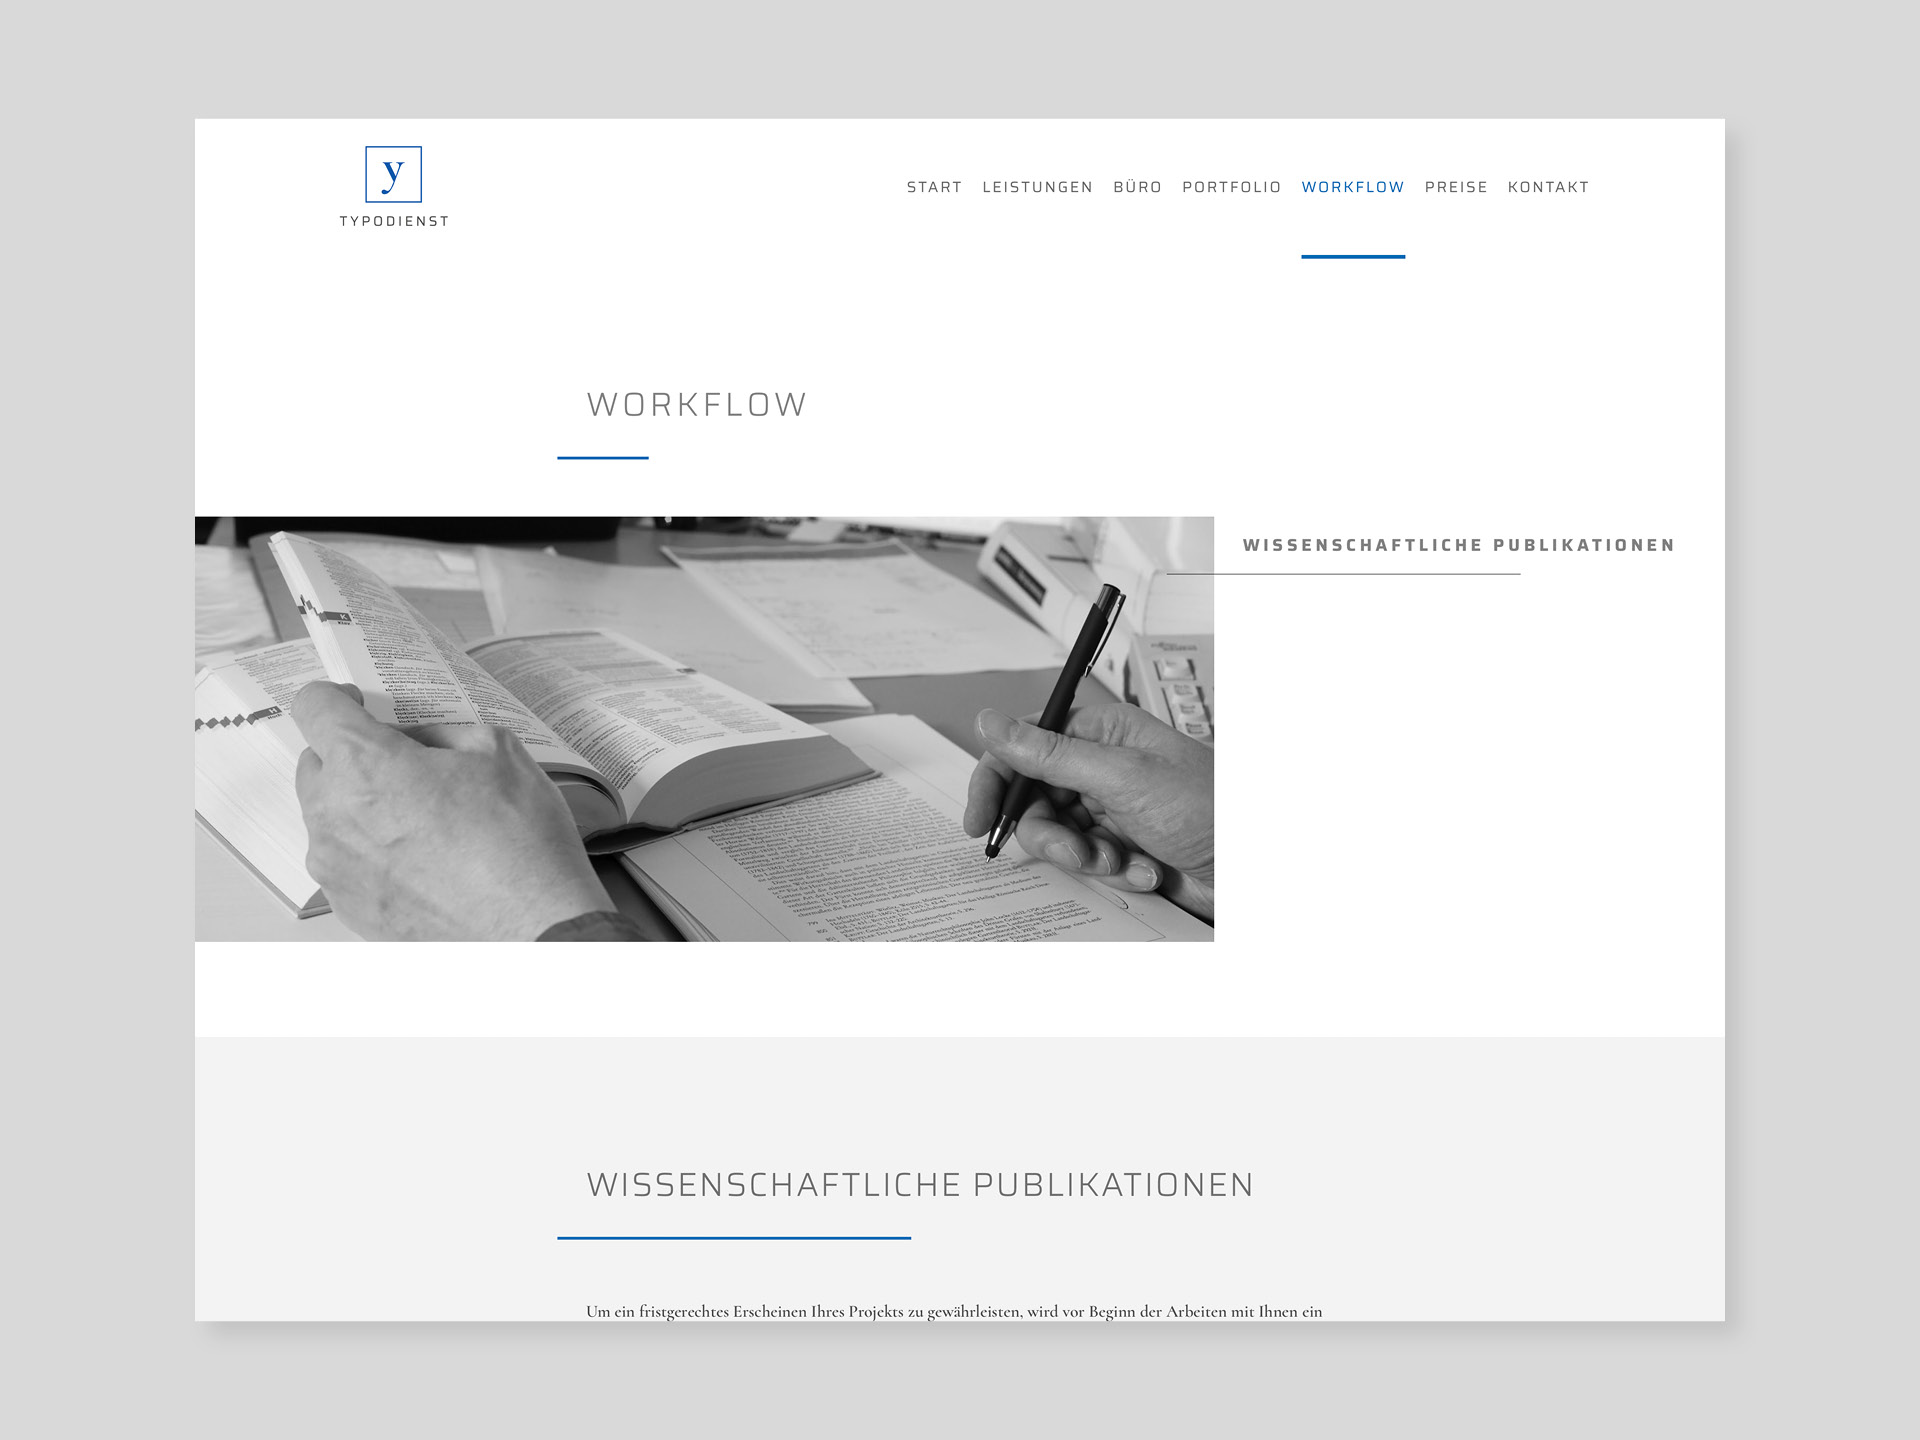 Design, Typodienst, Logo, Design, Typo, Layout, Konzept, Altenberge, Studio Auckz